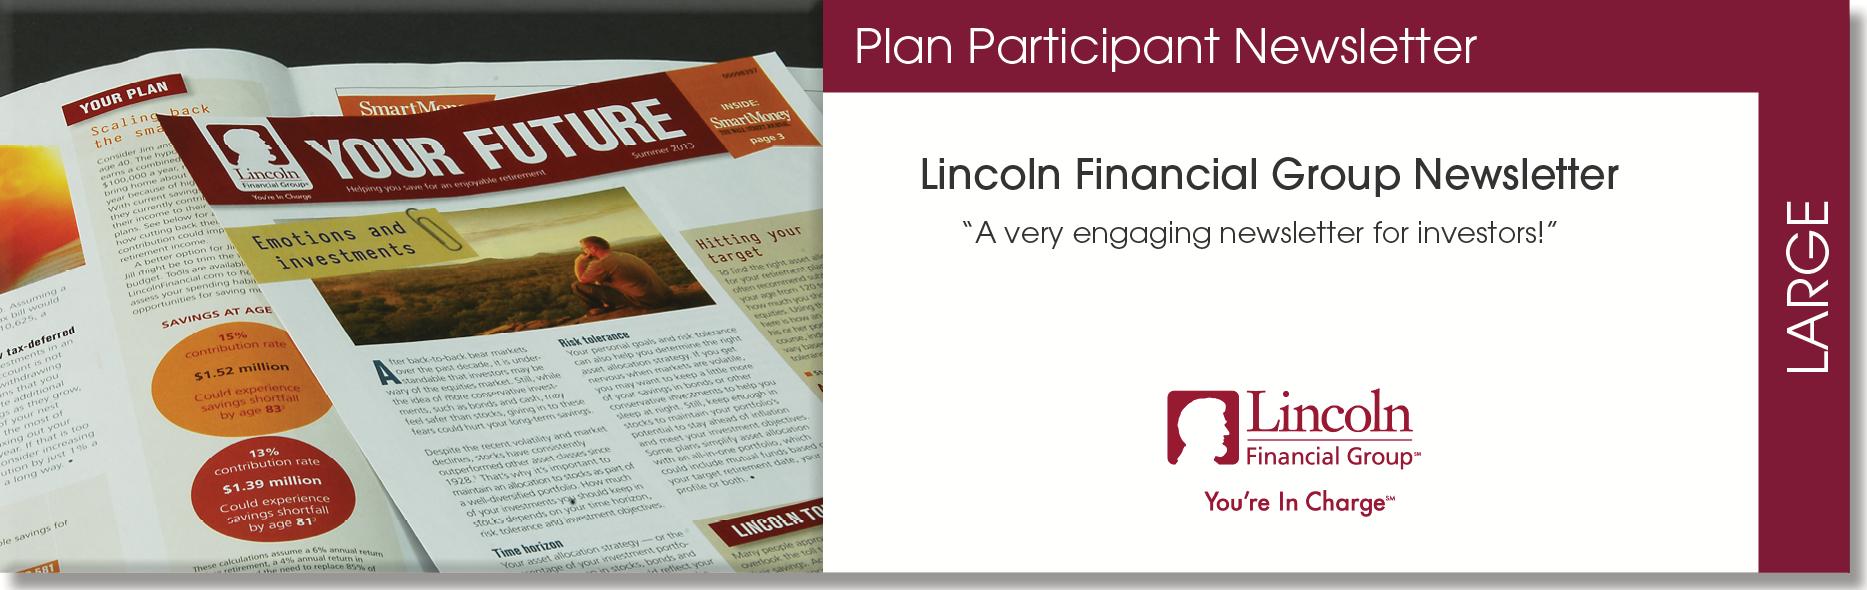 Large Plan Winner Image2